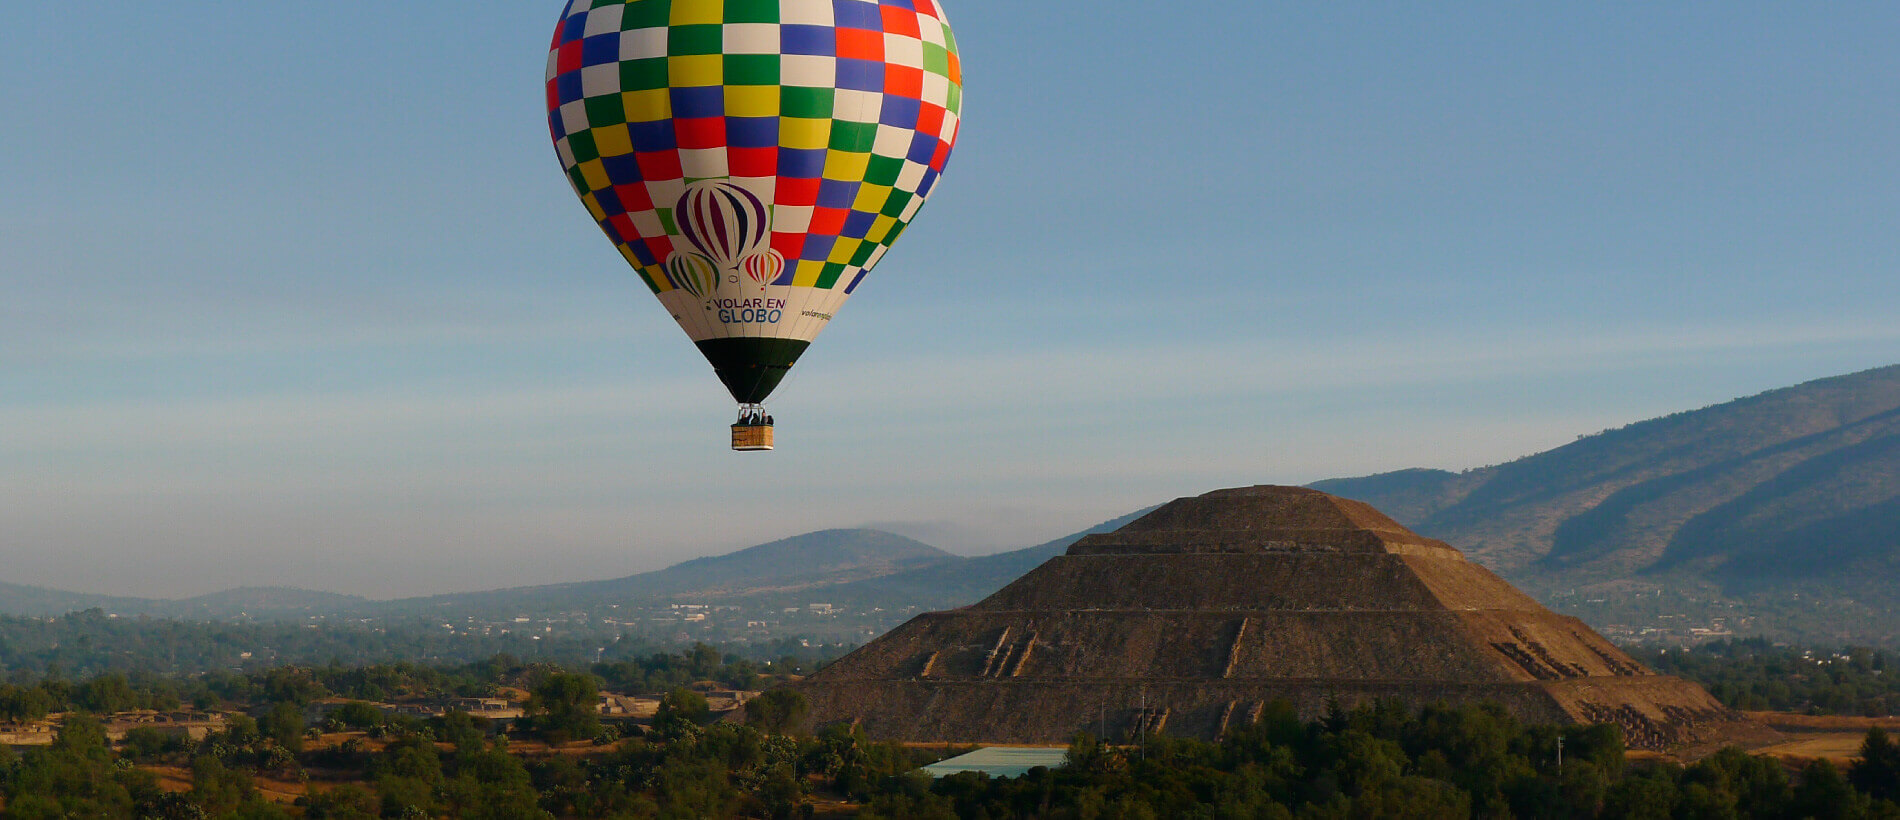 Hot Air Balloon Ride At Teotihuacan